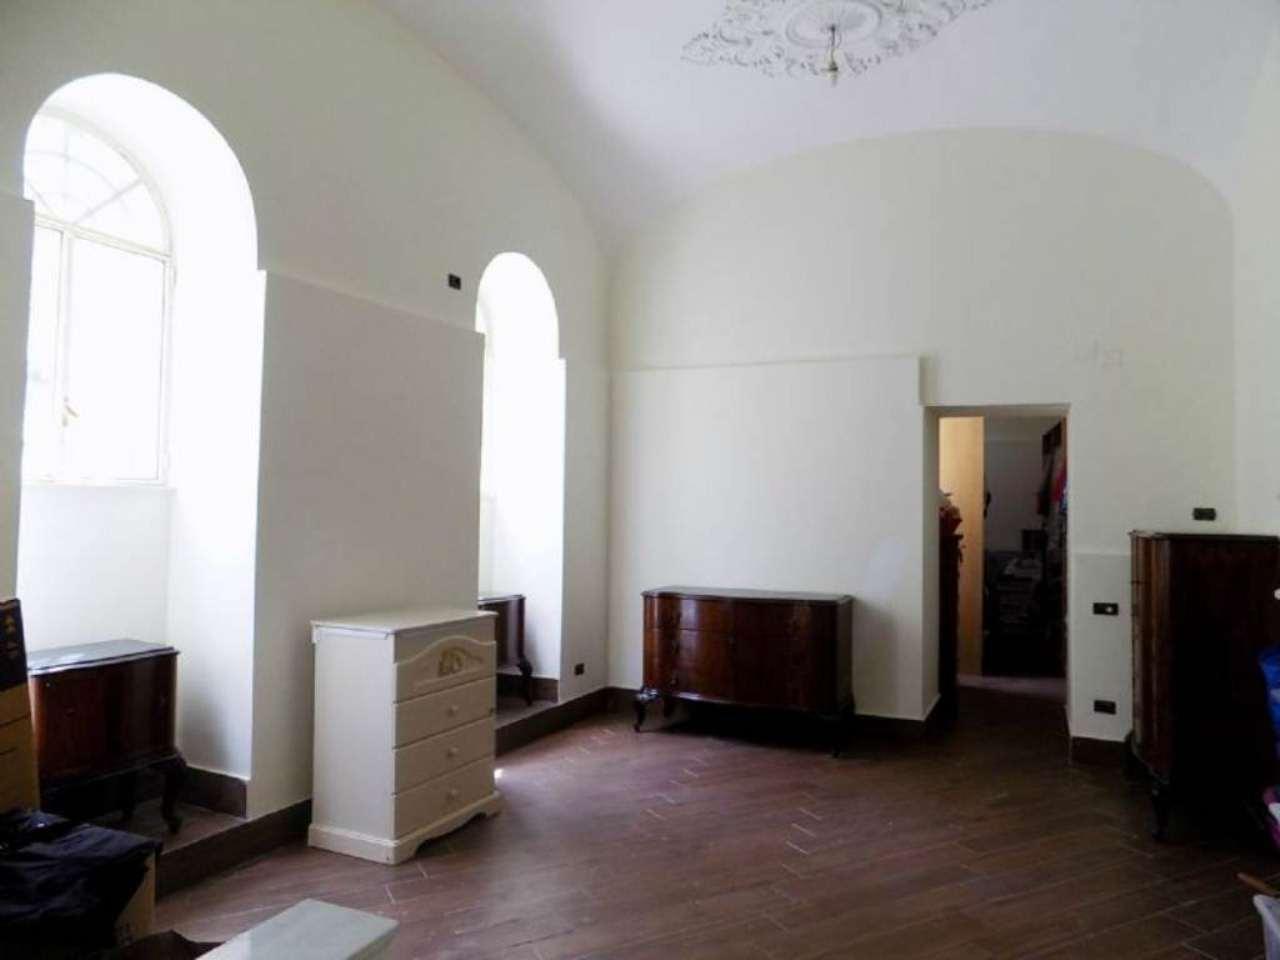 Appartamento in affitto a Portici, 2 locali, prezzo € 500 | Cambio Casa.it